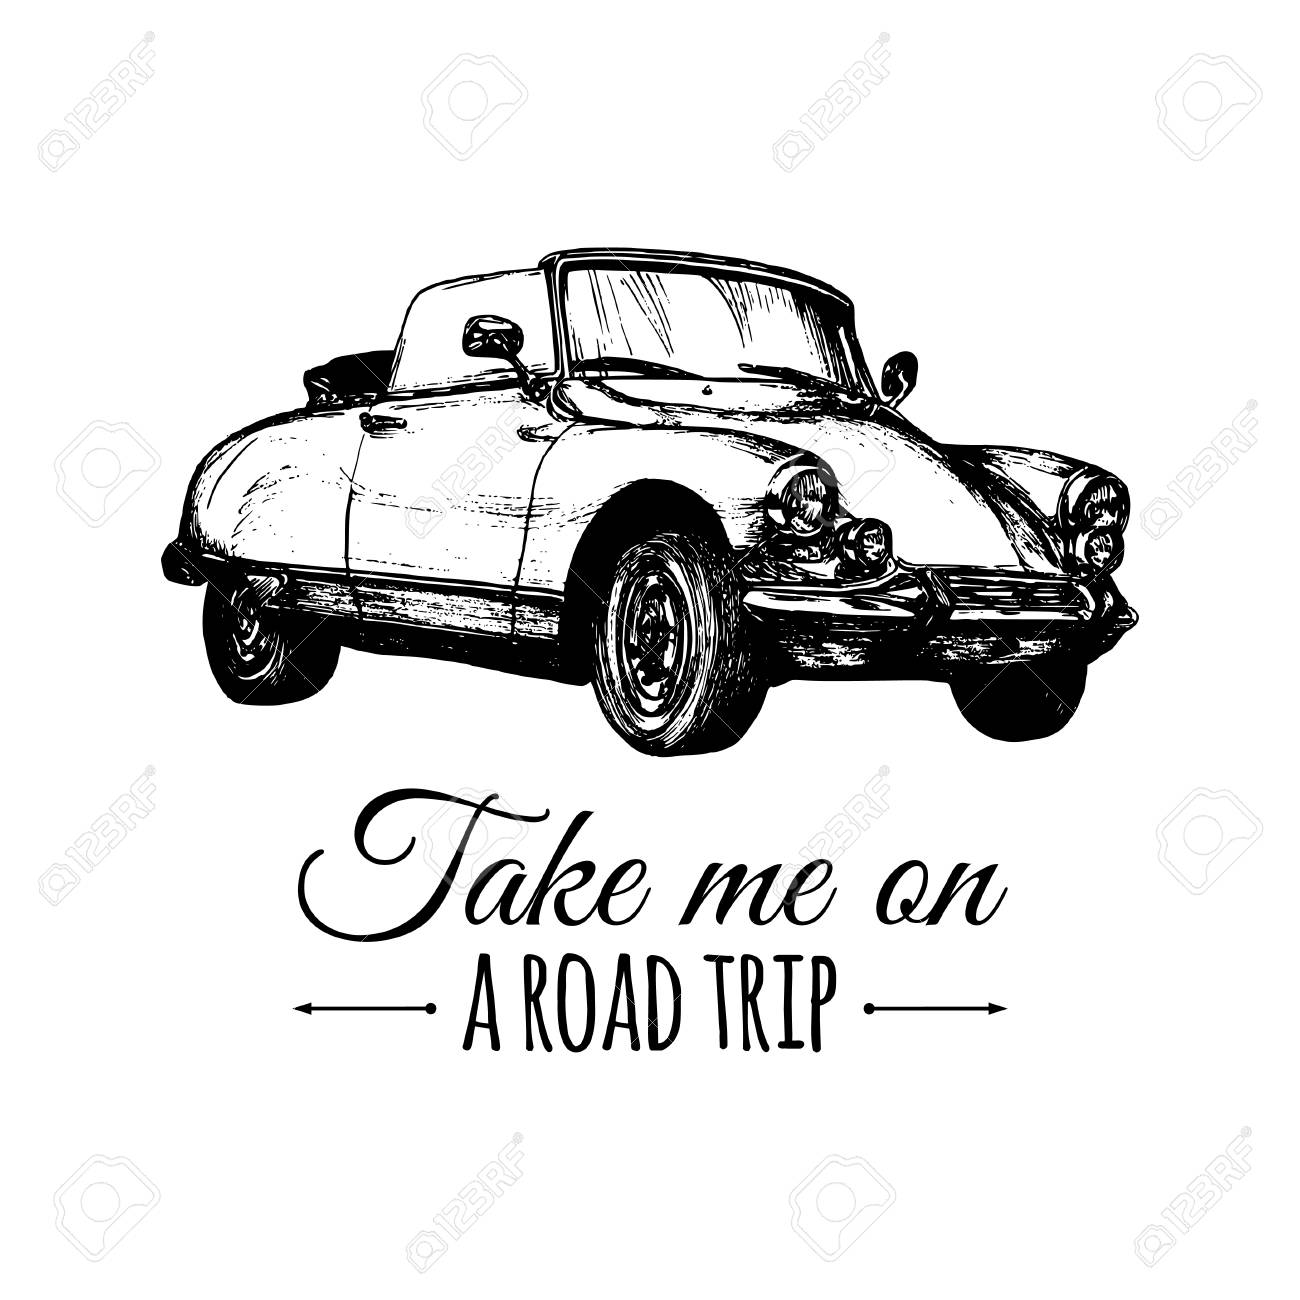 道路旅行ベクトルは活版印刷のポスターは私手はレトロな自動車